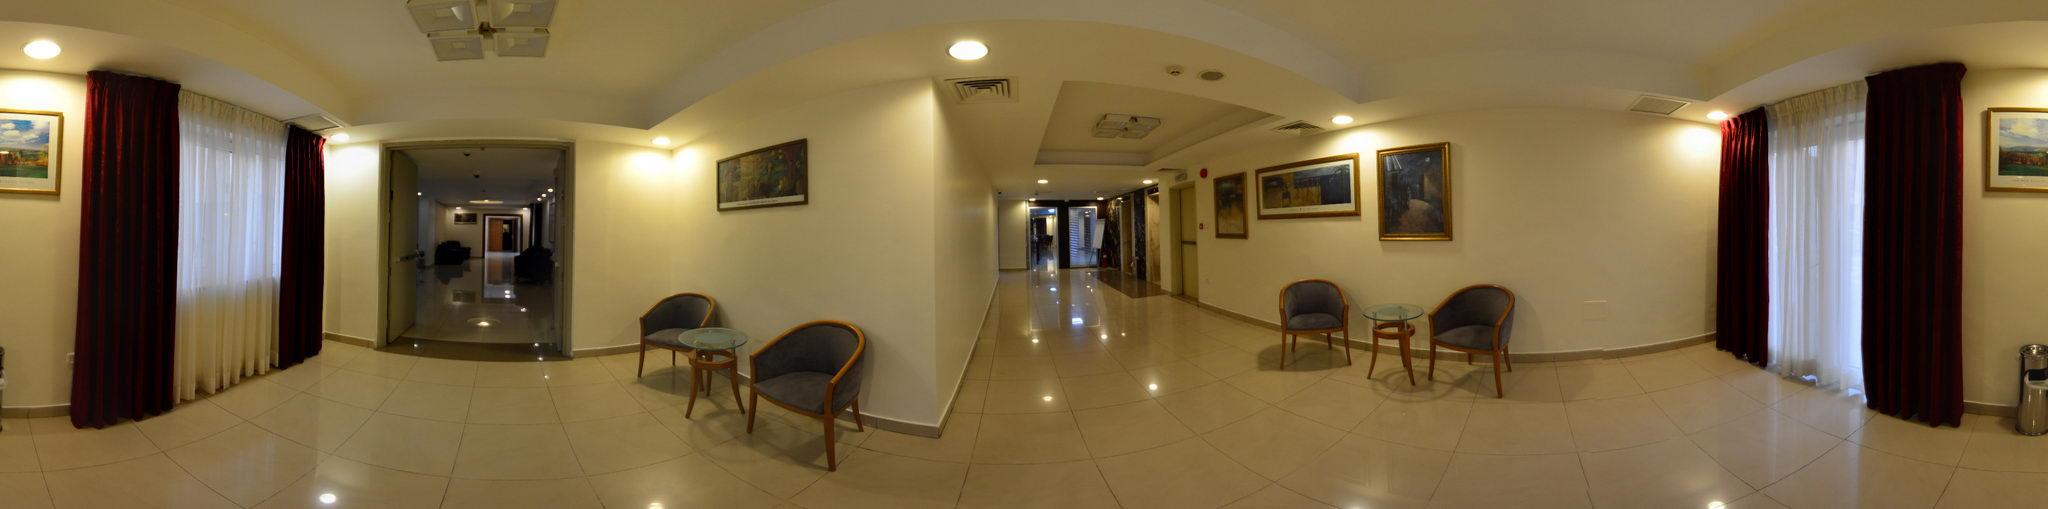 baner_corridor2